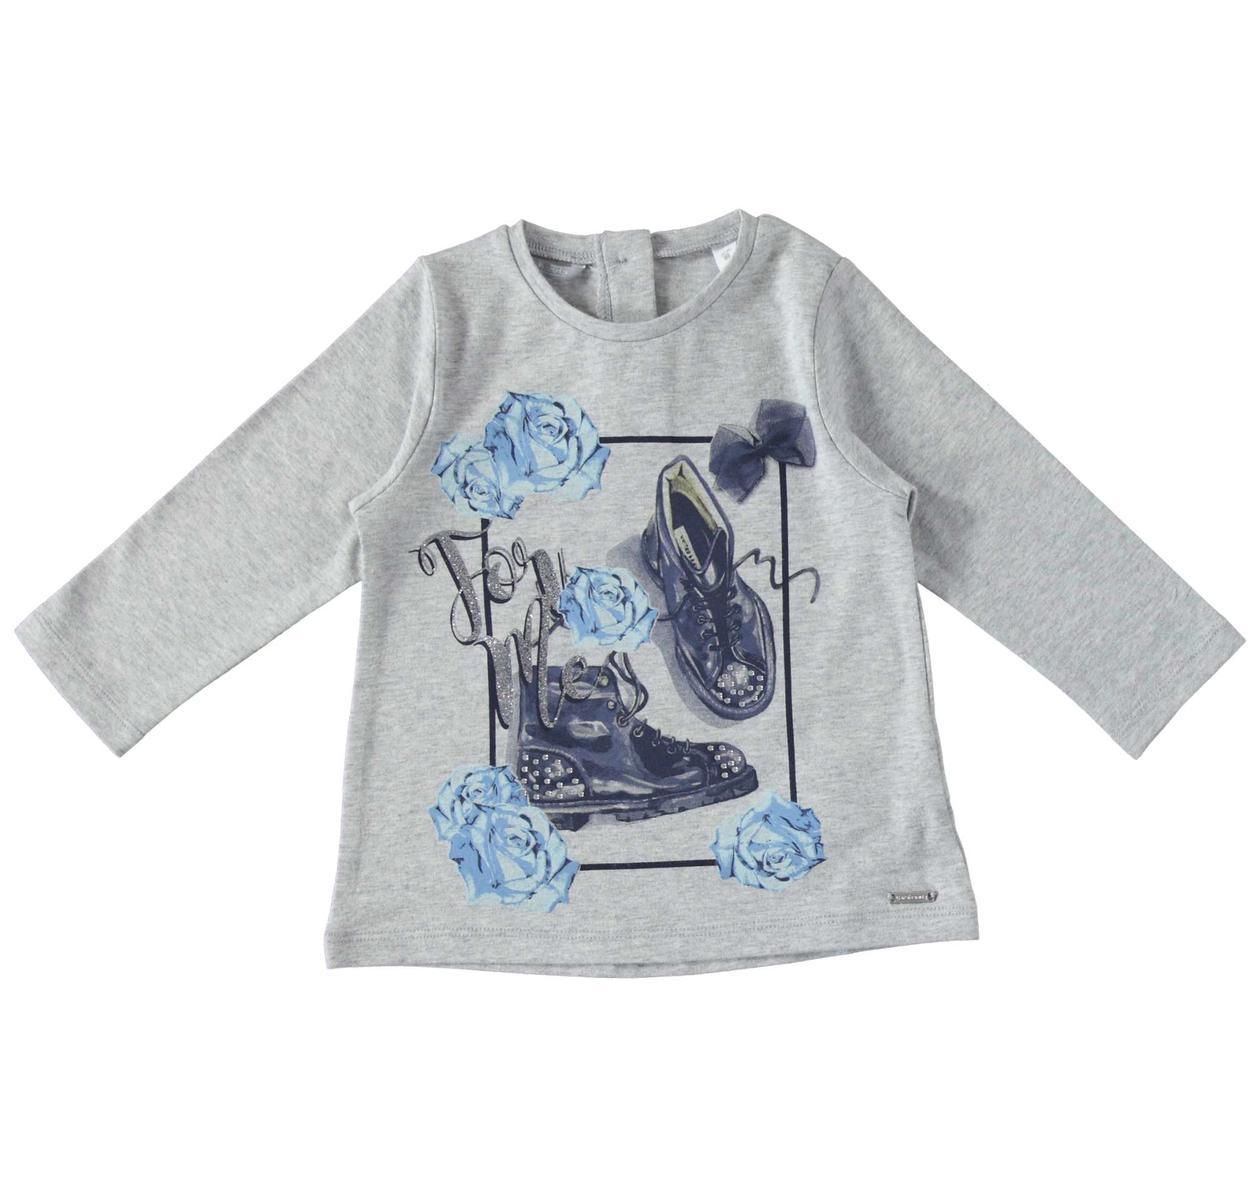 89984e1cb2 Maglietta in cotone elasticizzato finitura calda per bambina da 6 mesi a 7  anni Sarabanda